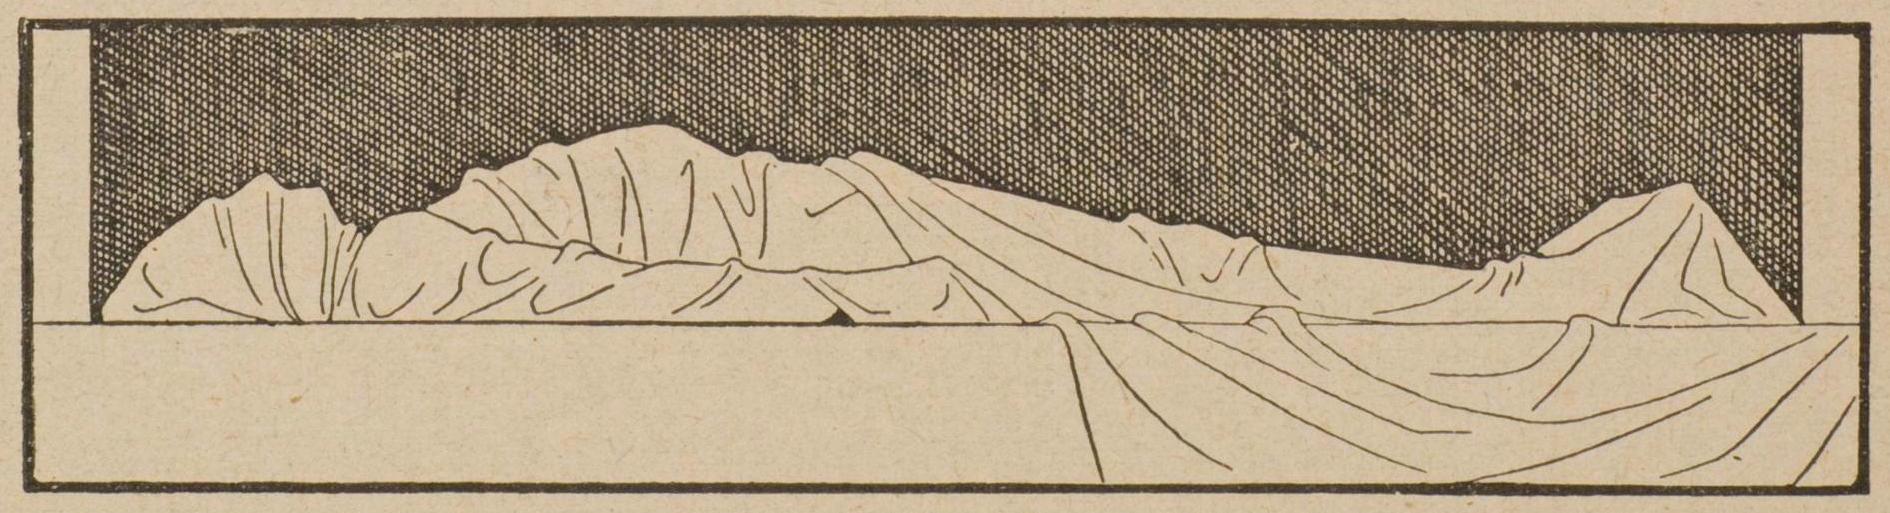 Lilien corpse.jpg